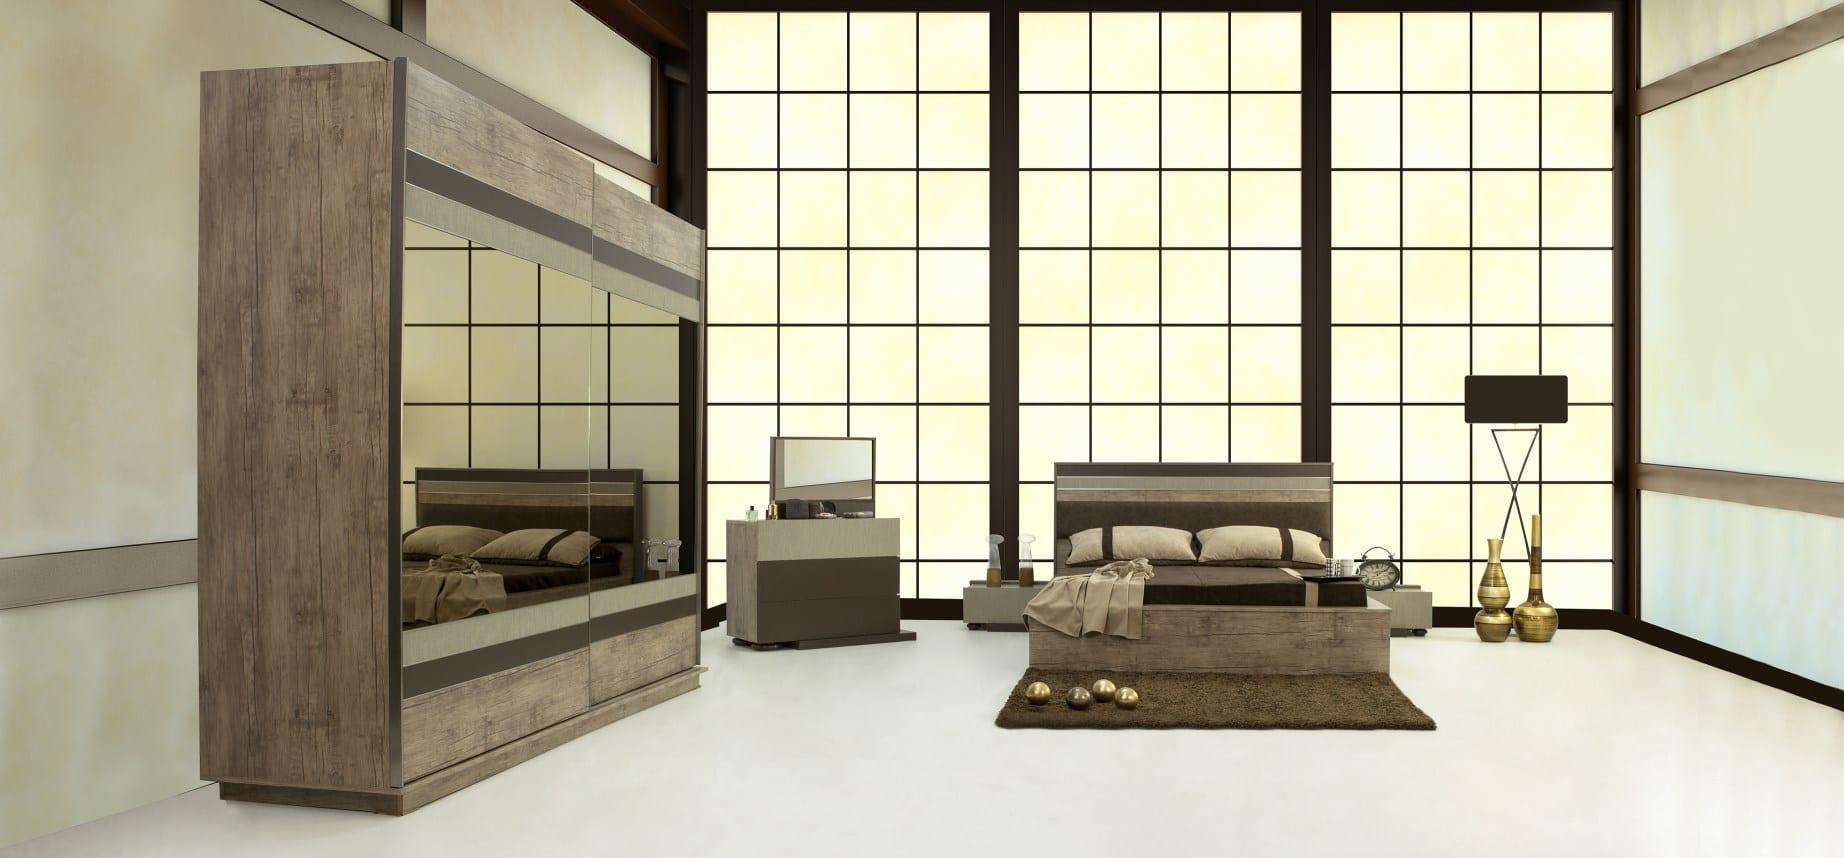 rapsodi muhtesem yatak odasi modelleri